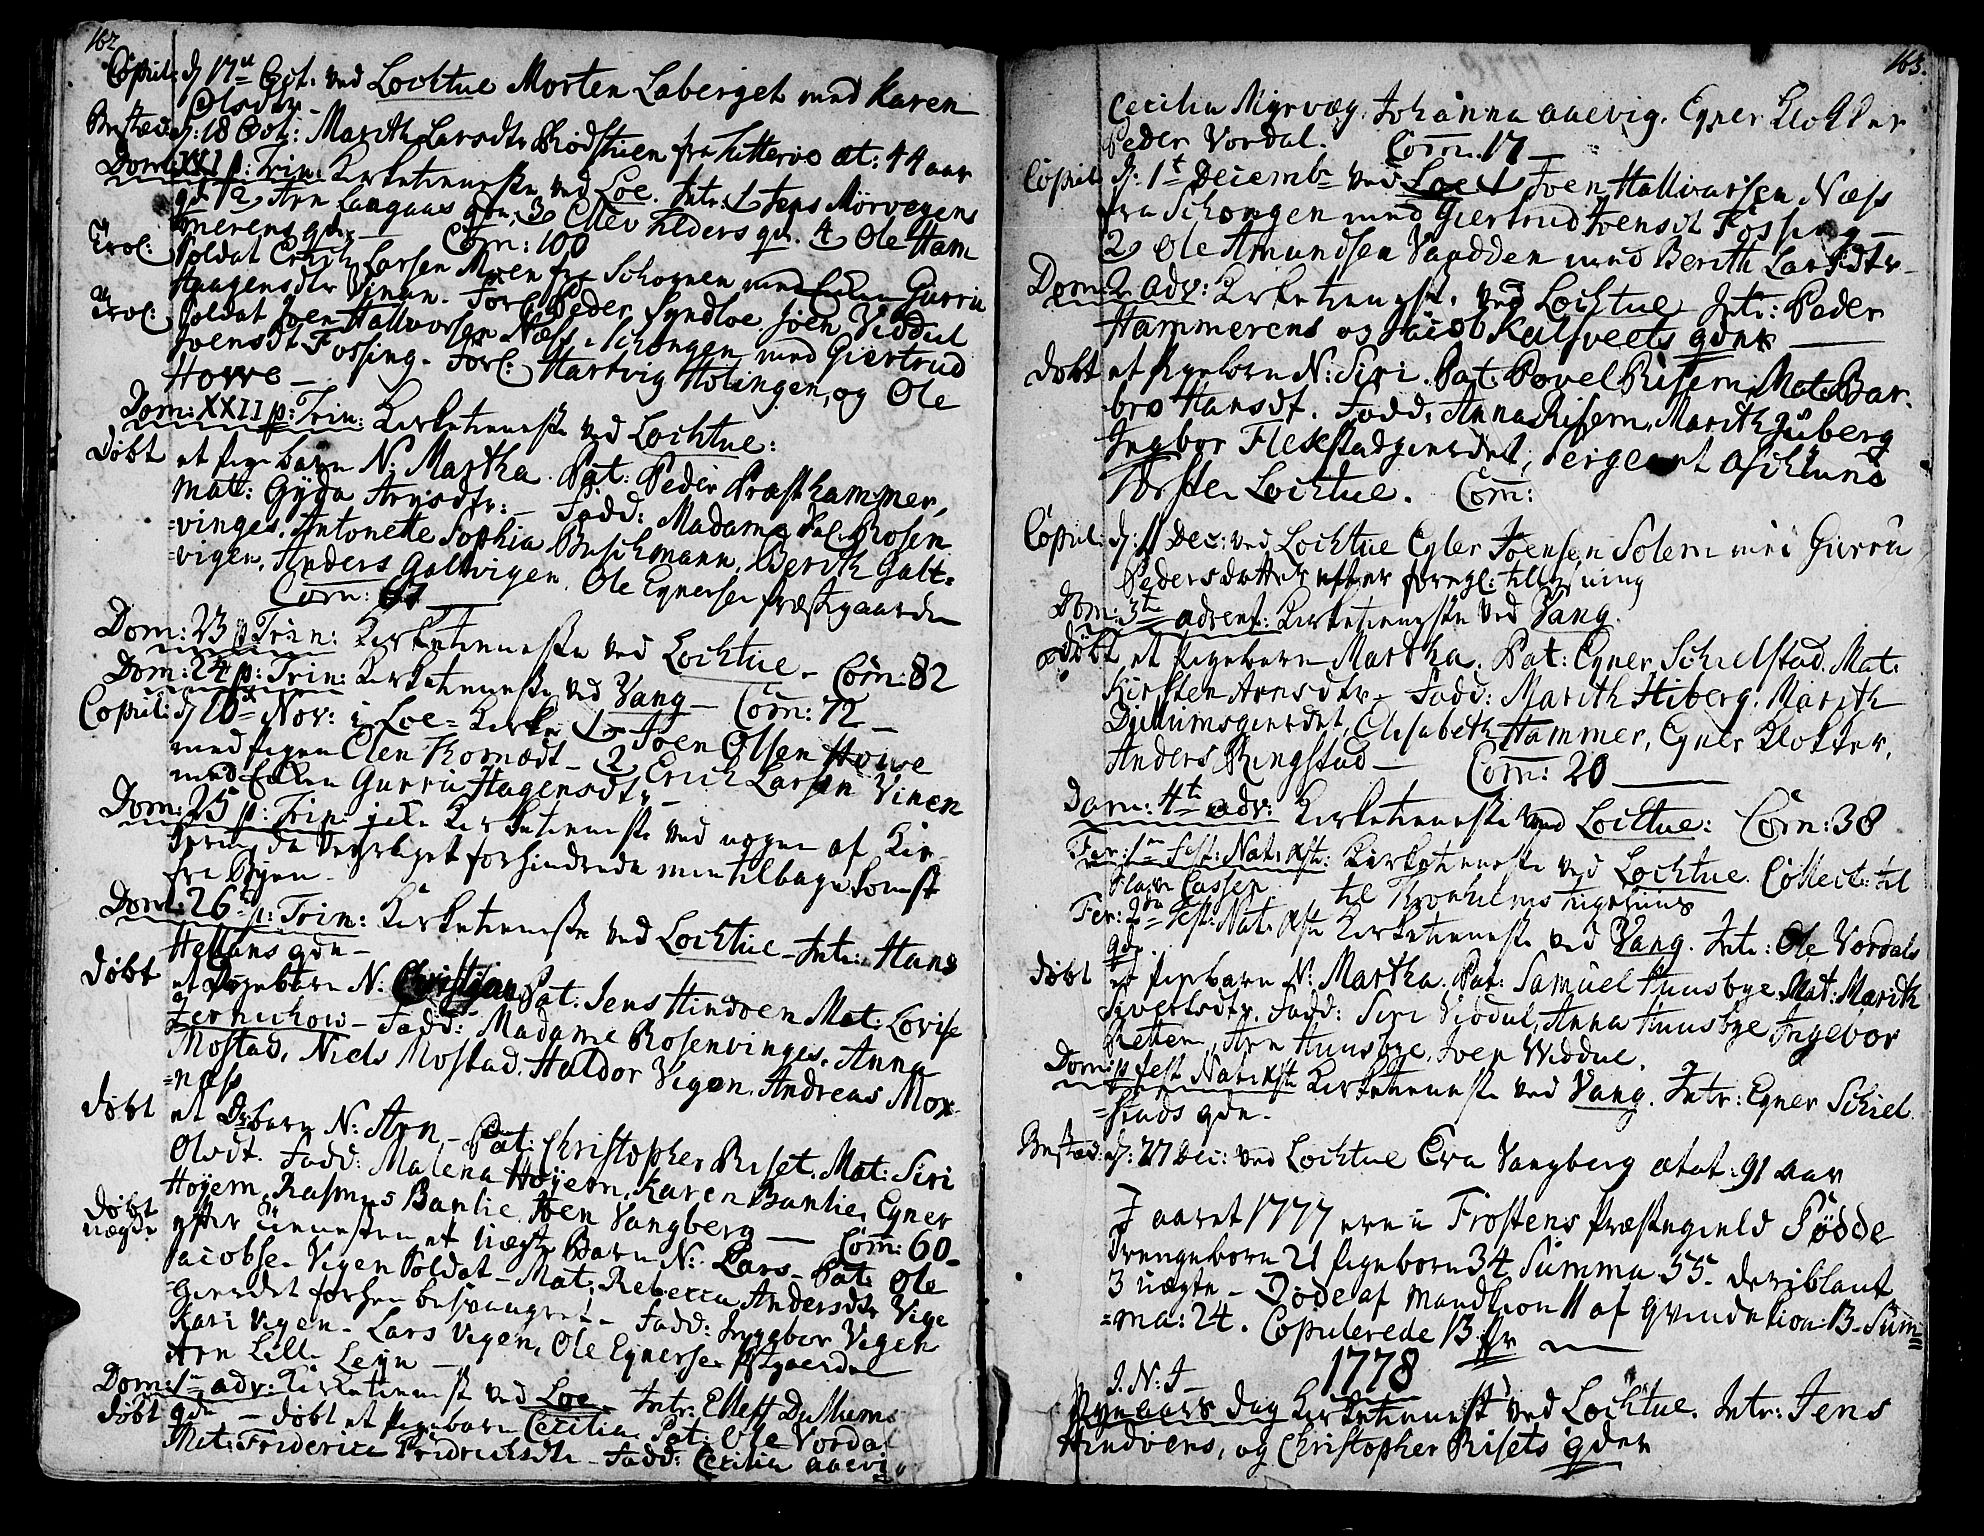 SAT, Ministerialprotokoller, klokkerbøker og fødselsregistre - Nord-Trøndelag, 713/L0109: Ministerialbok nr. 713A01, 1750-1778, s. 162-163